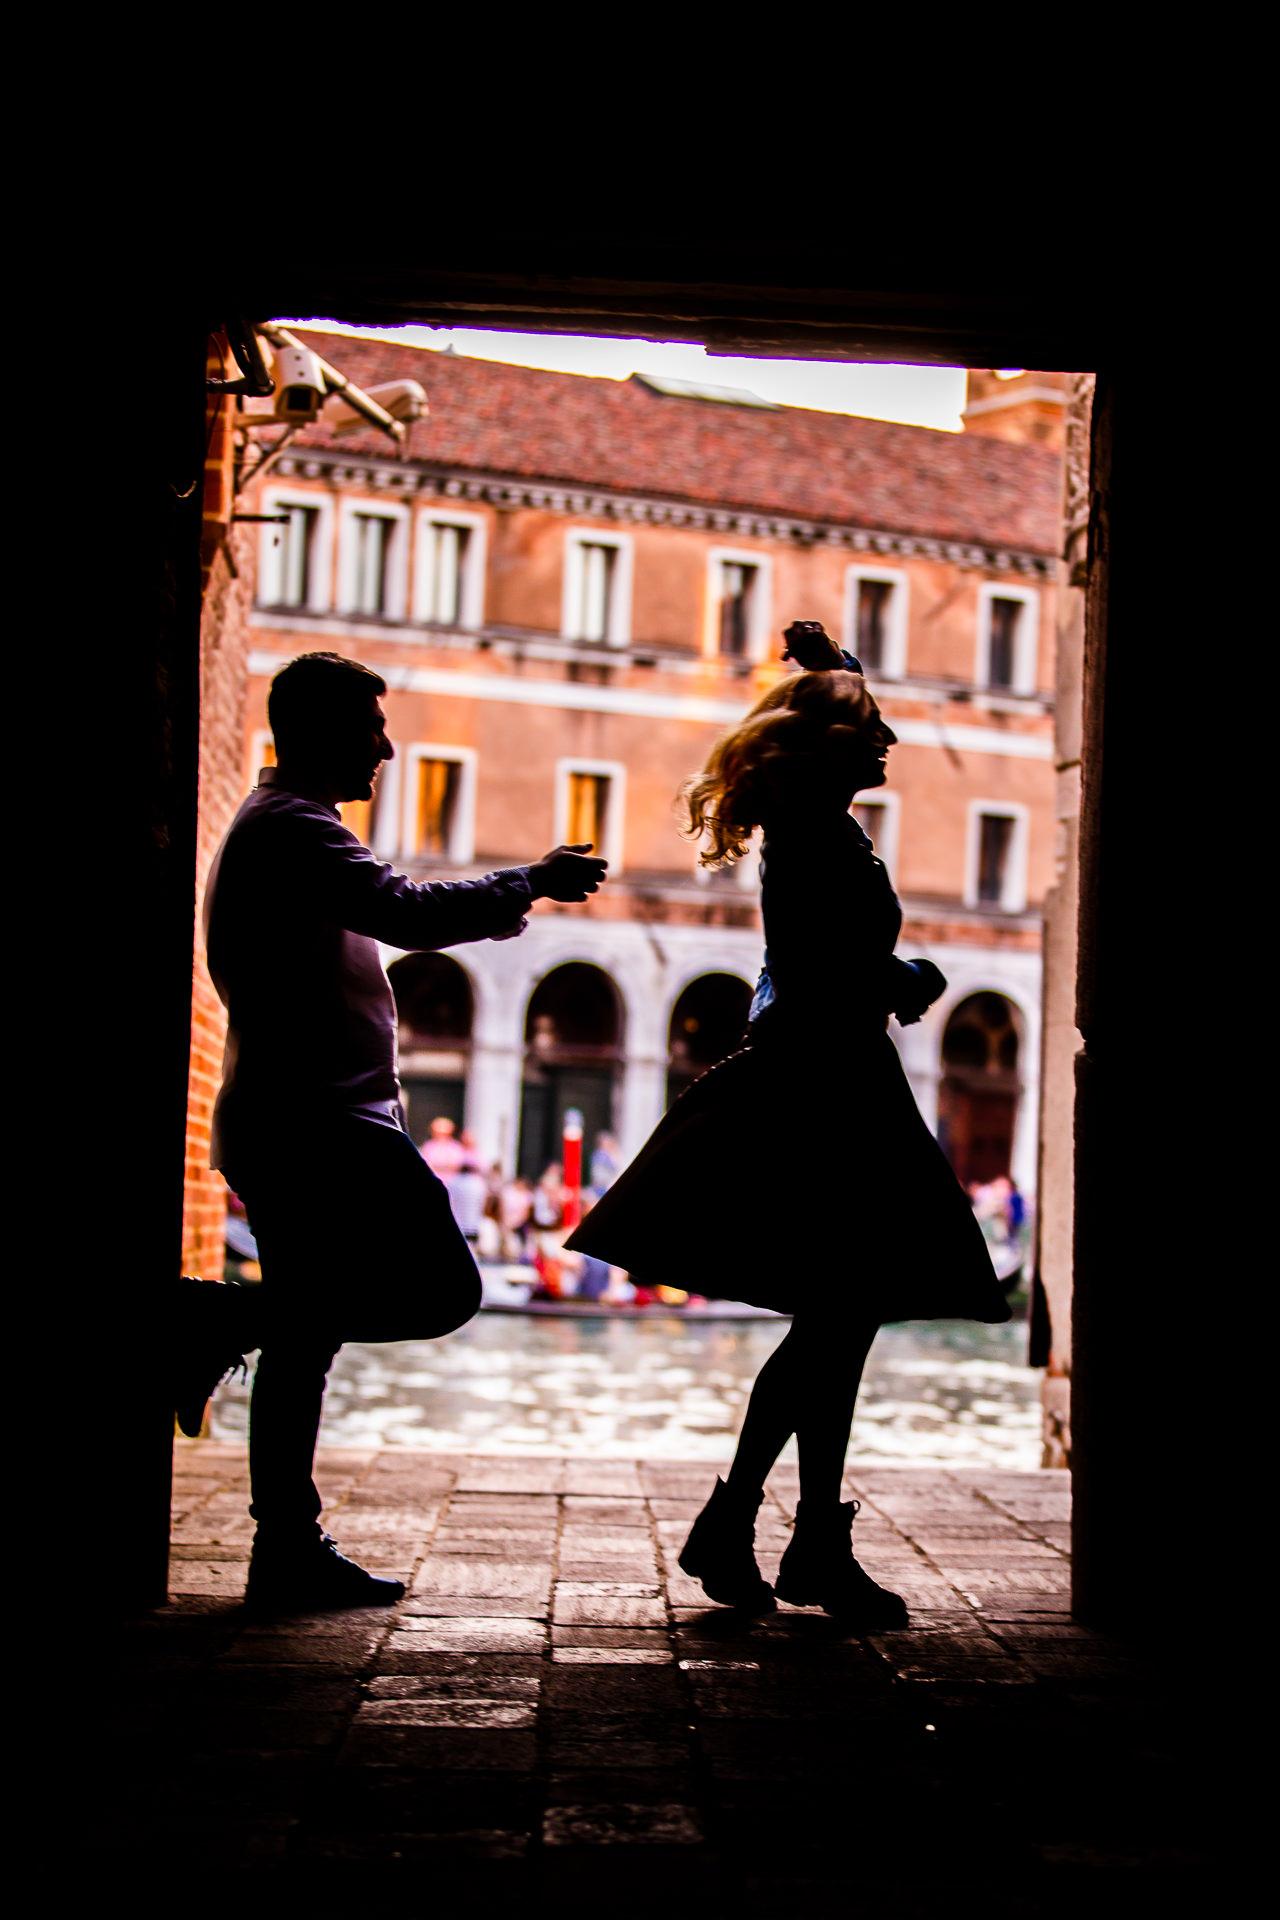 Sedinta foto de cuplu in Venetia - Raluca si Costin - Mihai Zaharia Photography - 18